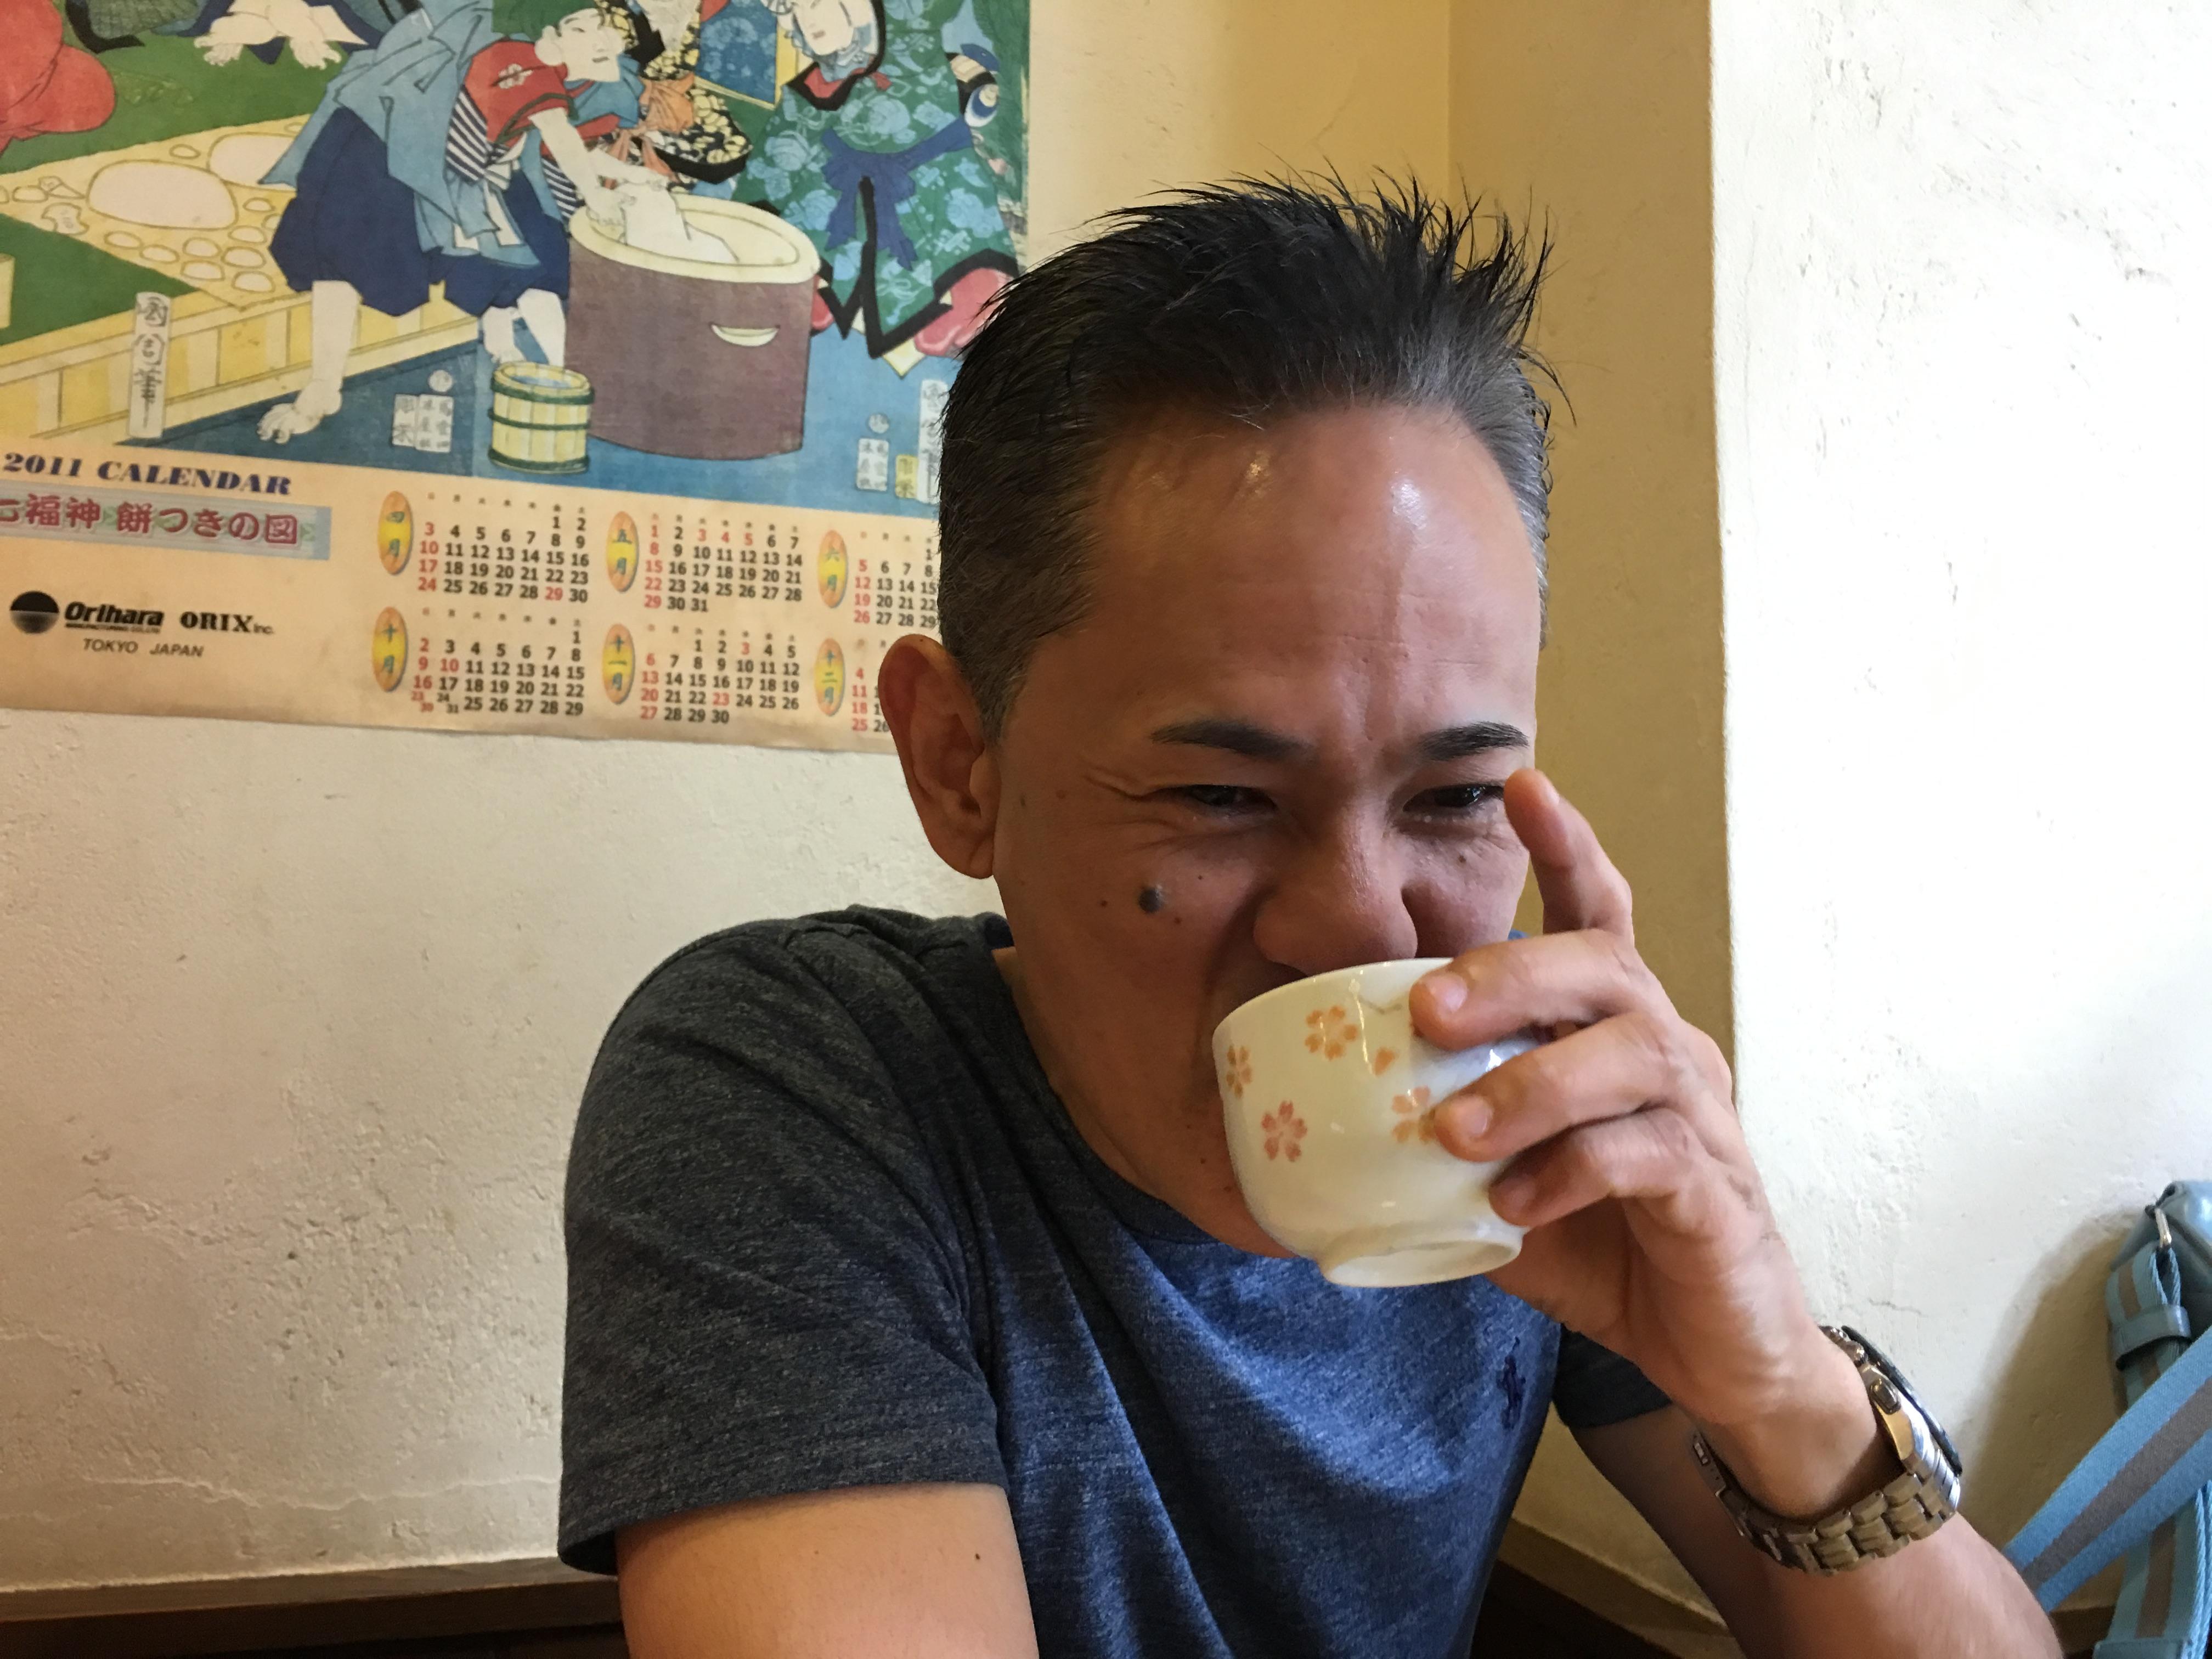 今日は 朝から    やんちゃ感情の本  サインをしています。 今日のランチは沖縄そば‼️ 20代の頃のお話がおもしろくておもしろくて この笑顔です??